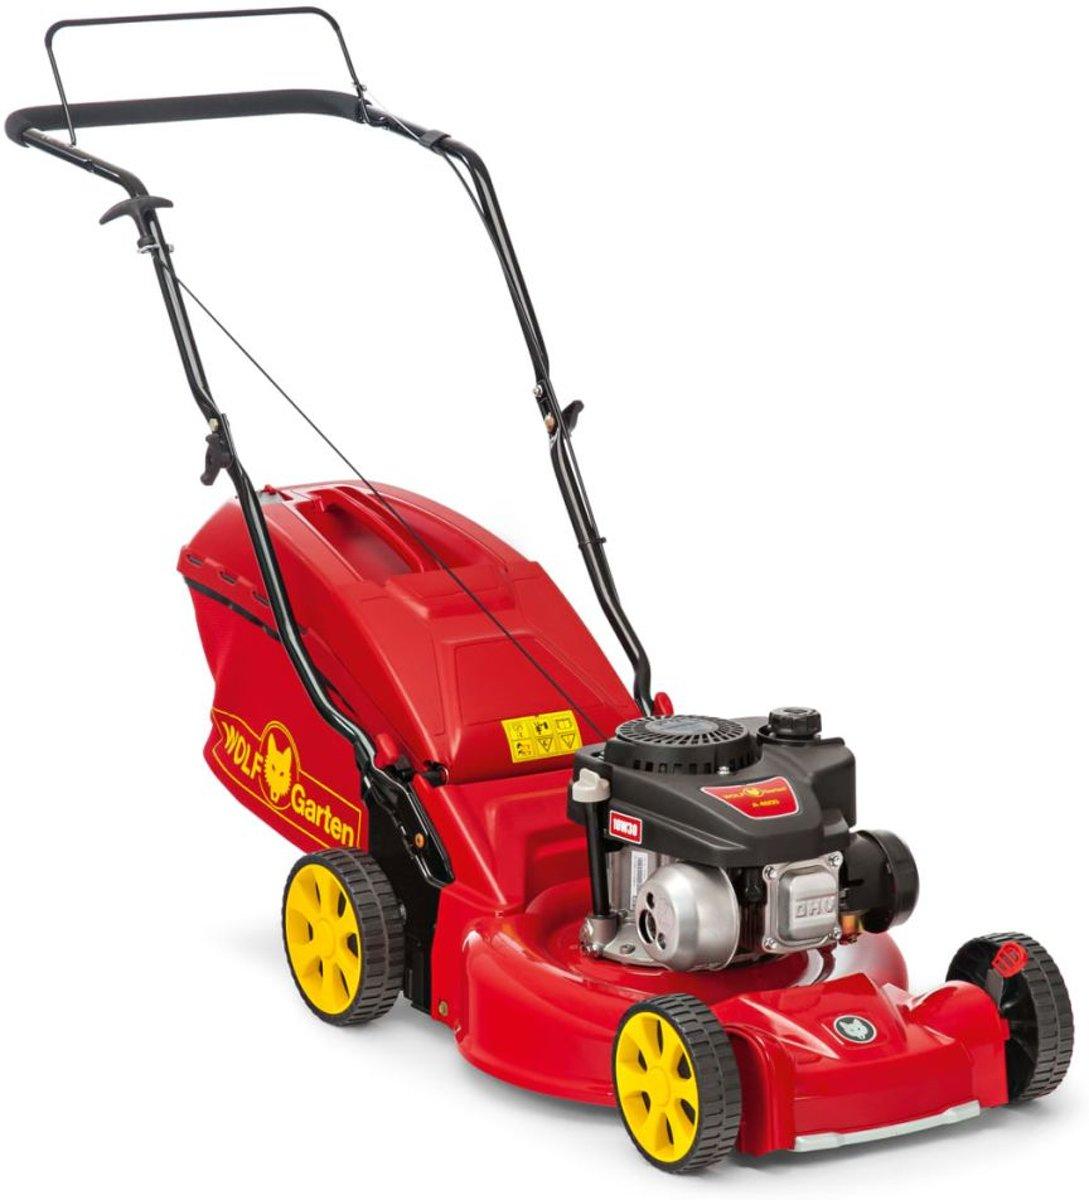 WOLF-Garten benzine grasmaaimachine A 4600 2100 W 11A-TOSC650